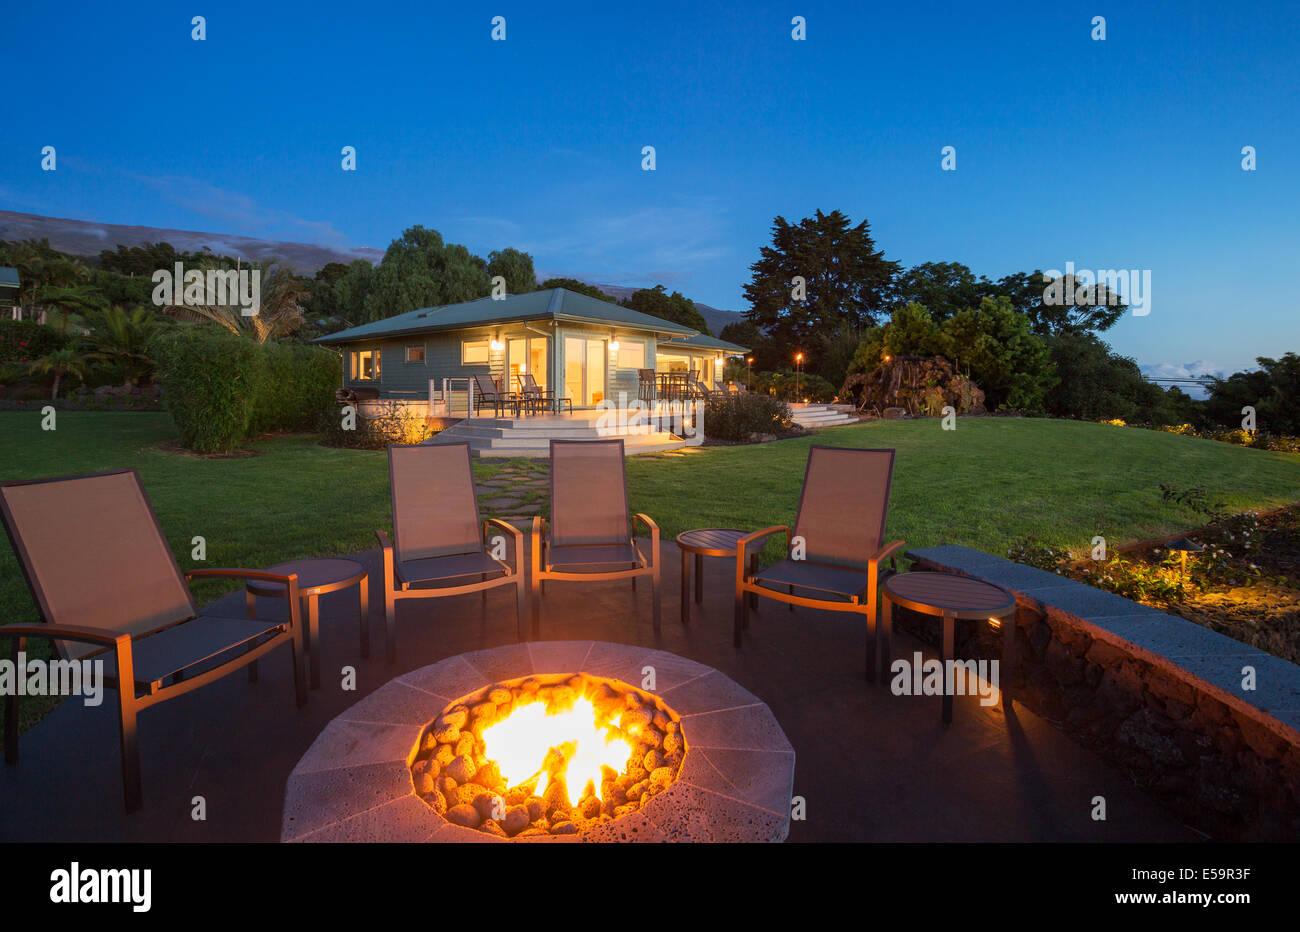 Luxury backyard fire pit at sunset - Stock Image